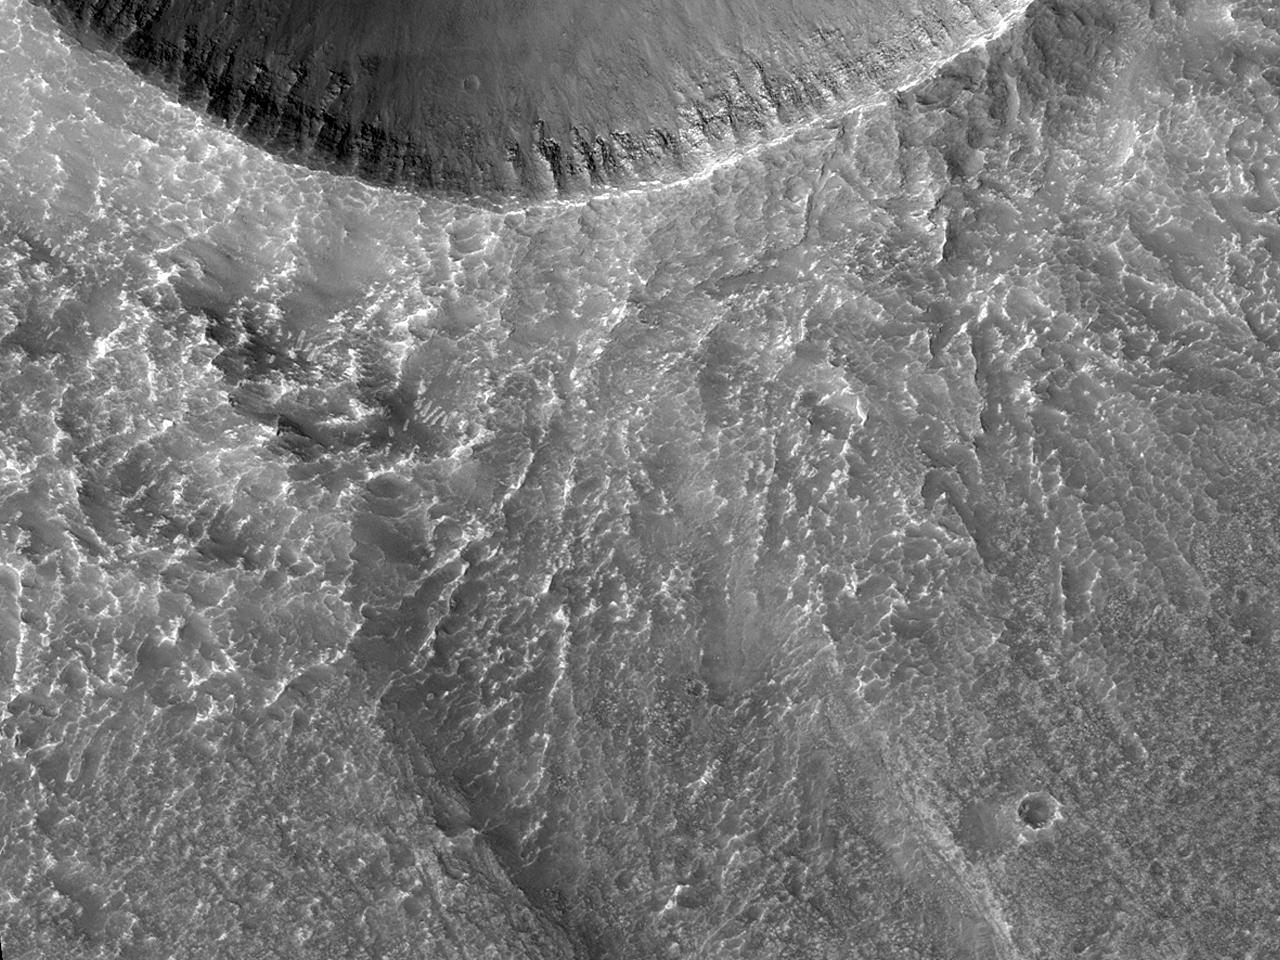 Crater ictu factus cum fossis